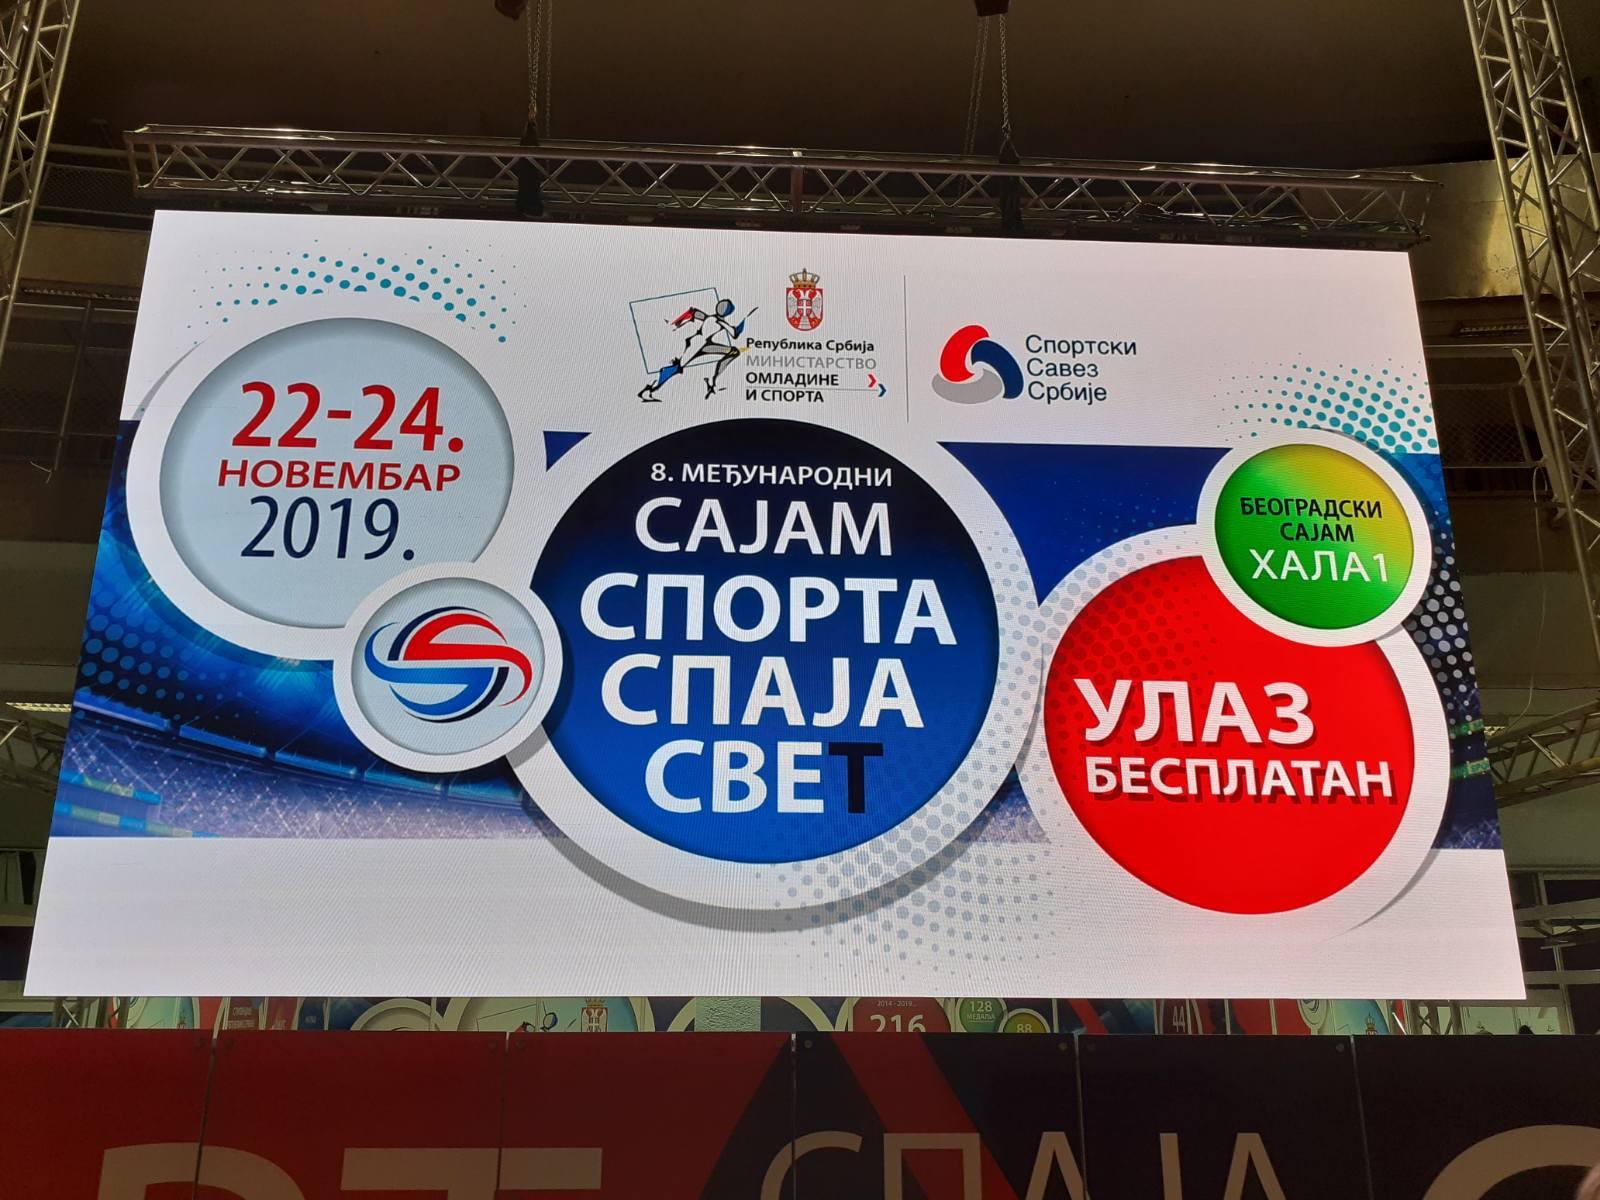 Završen je 8. Međunarodni sajam sporta u Beogradu